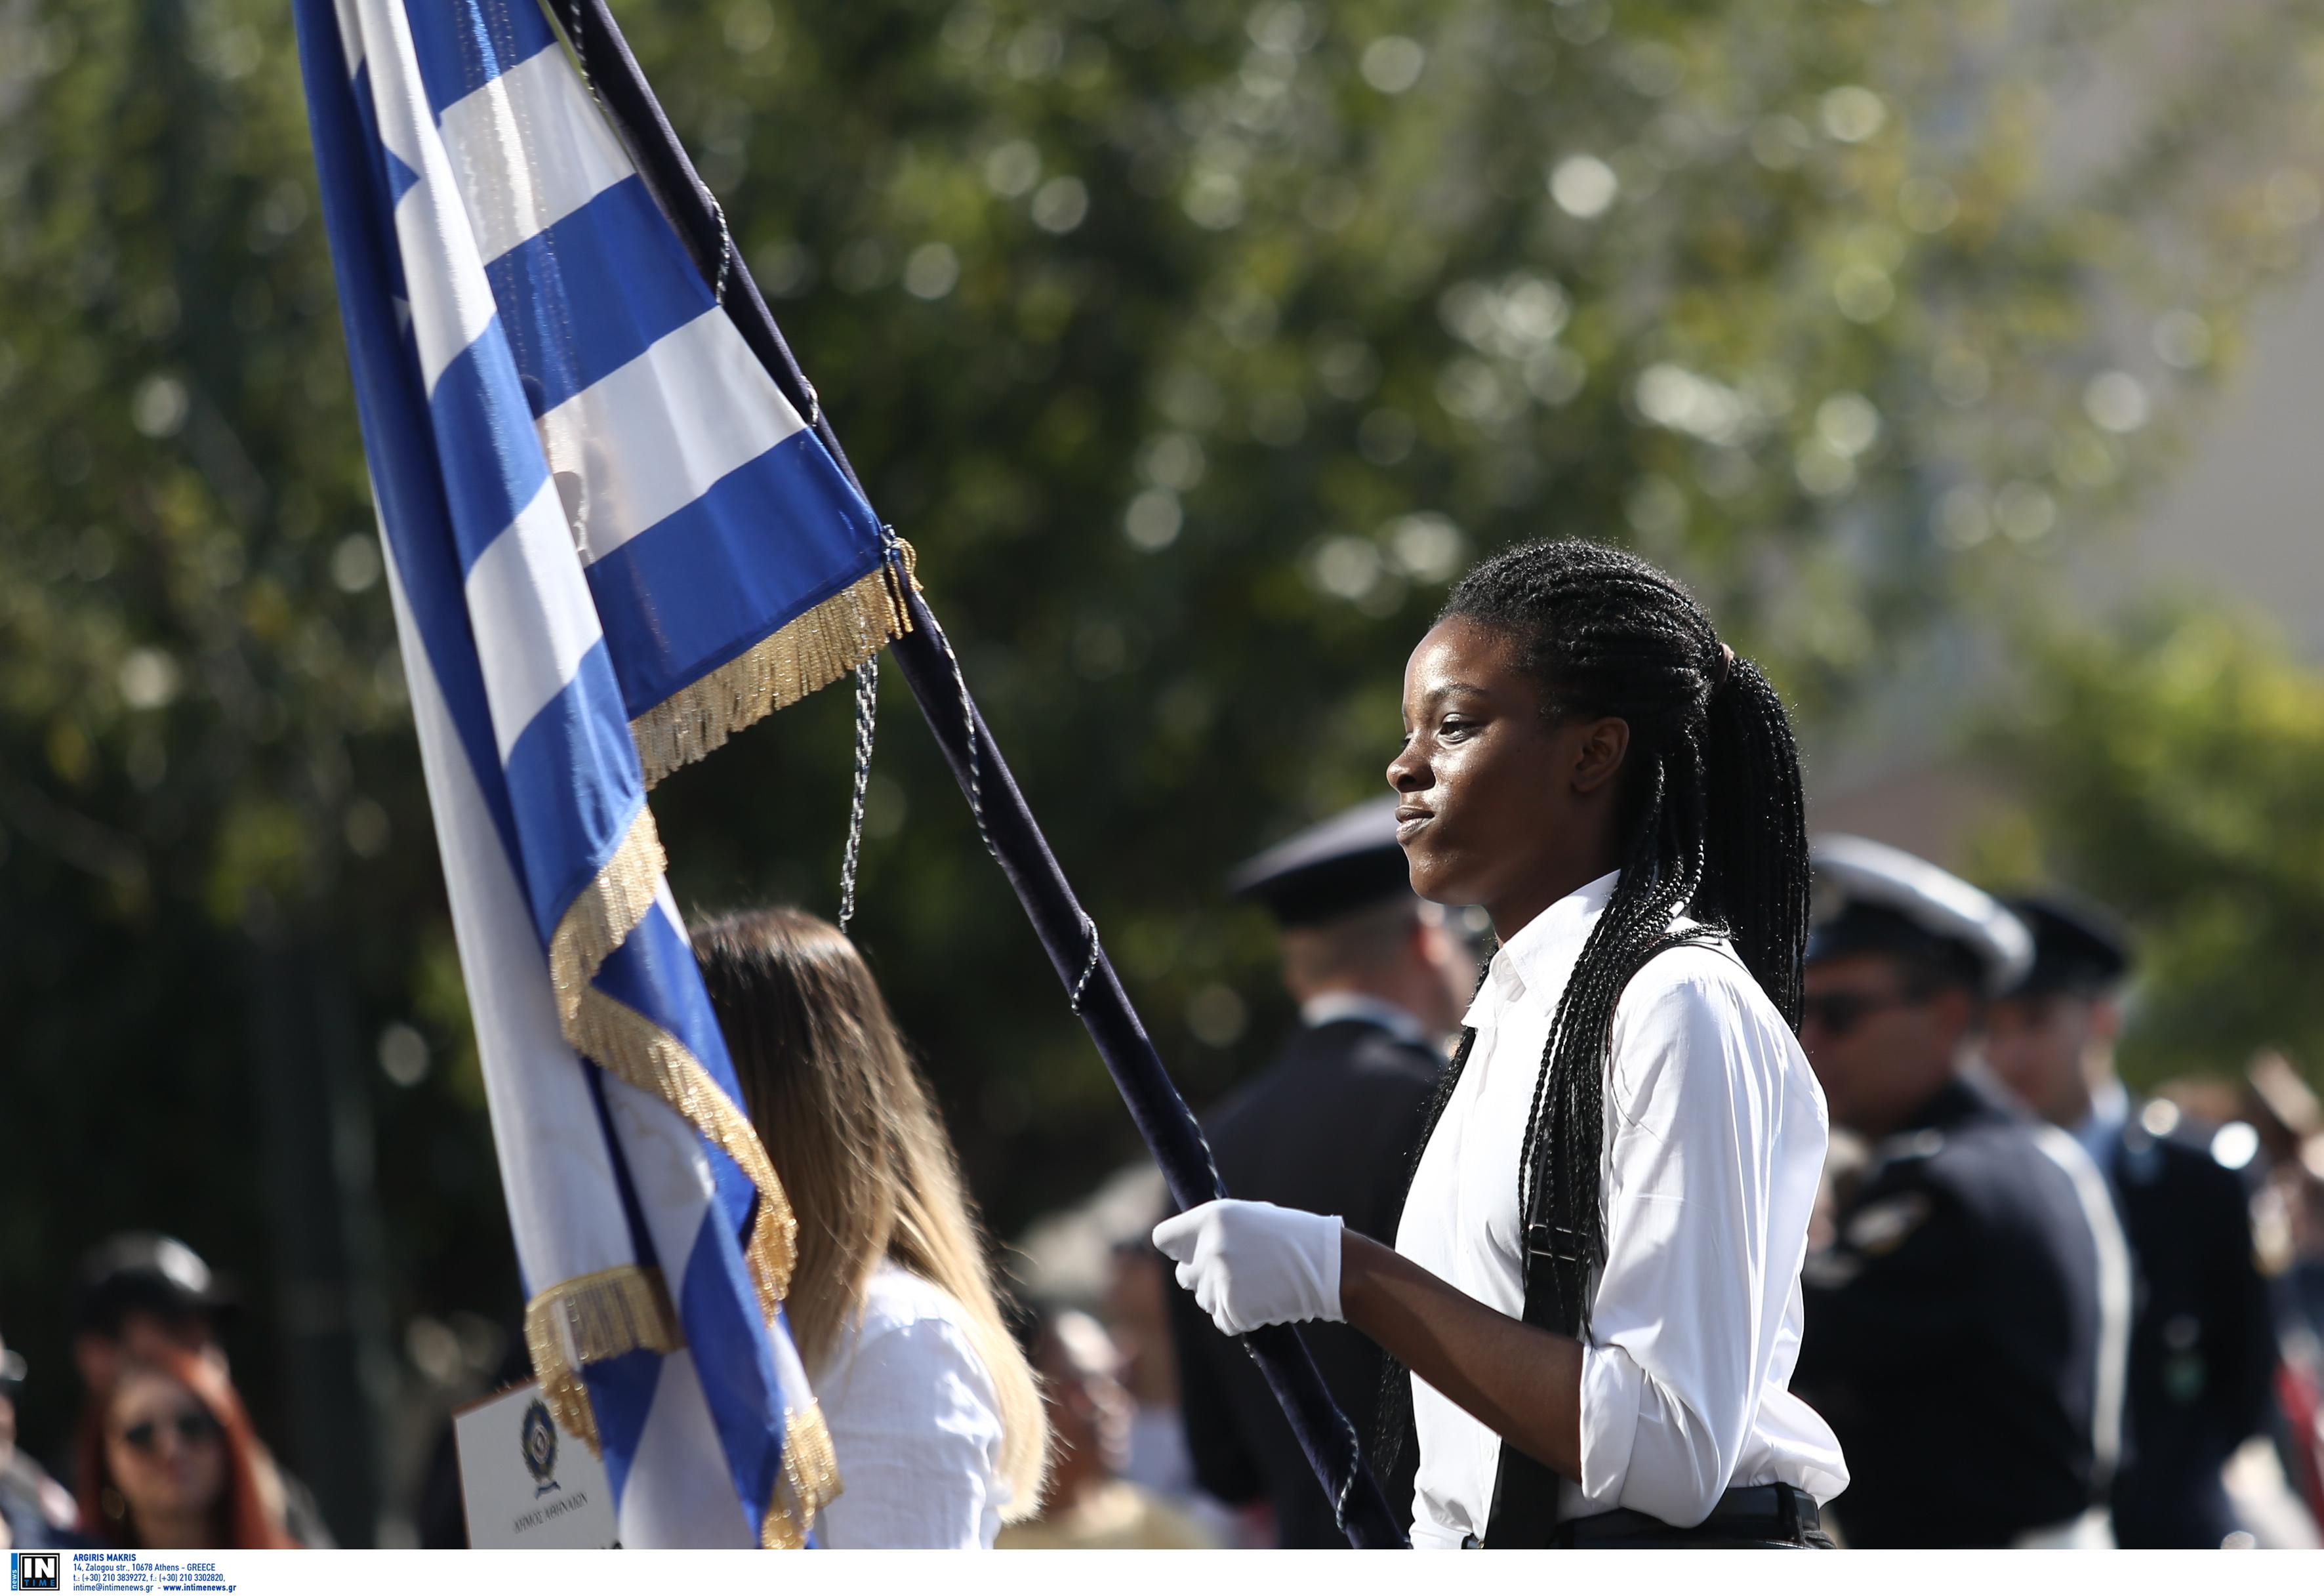 Συγκινεί η 17χρονη σημαιοφόρος από τη Νιγηρία! Οι ελπίδες, τα όνειρα και η πίστη στο Θεό!